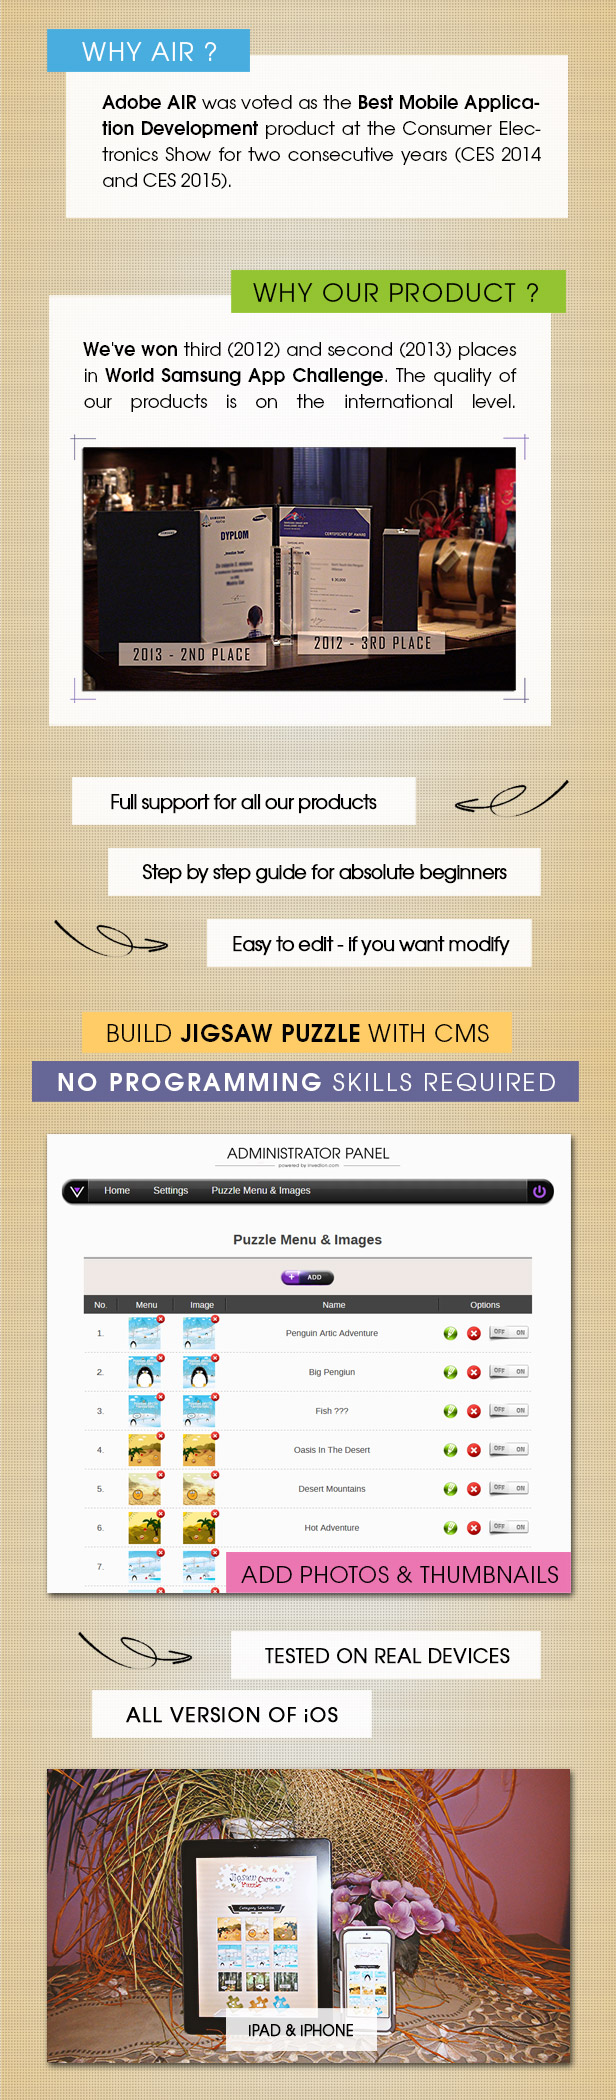 Jigsaw Cartoon Puzzle With CMS & AdMob - iOS - 3